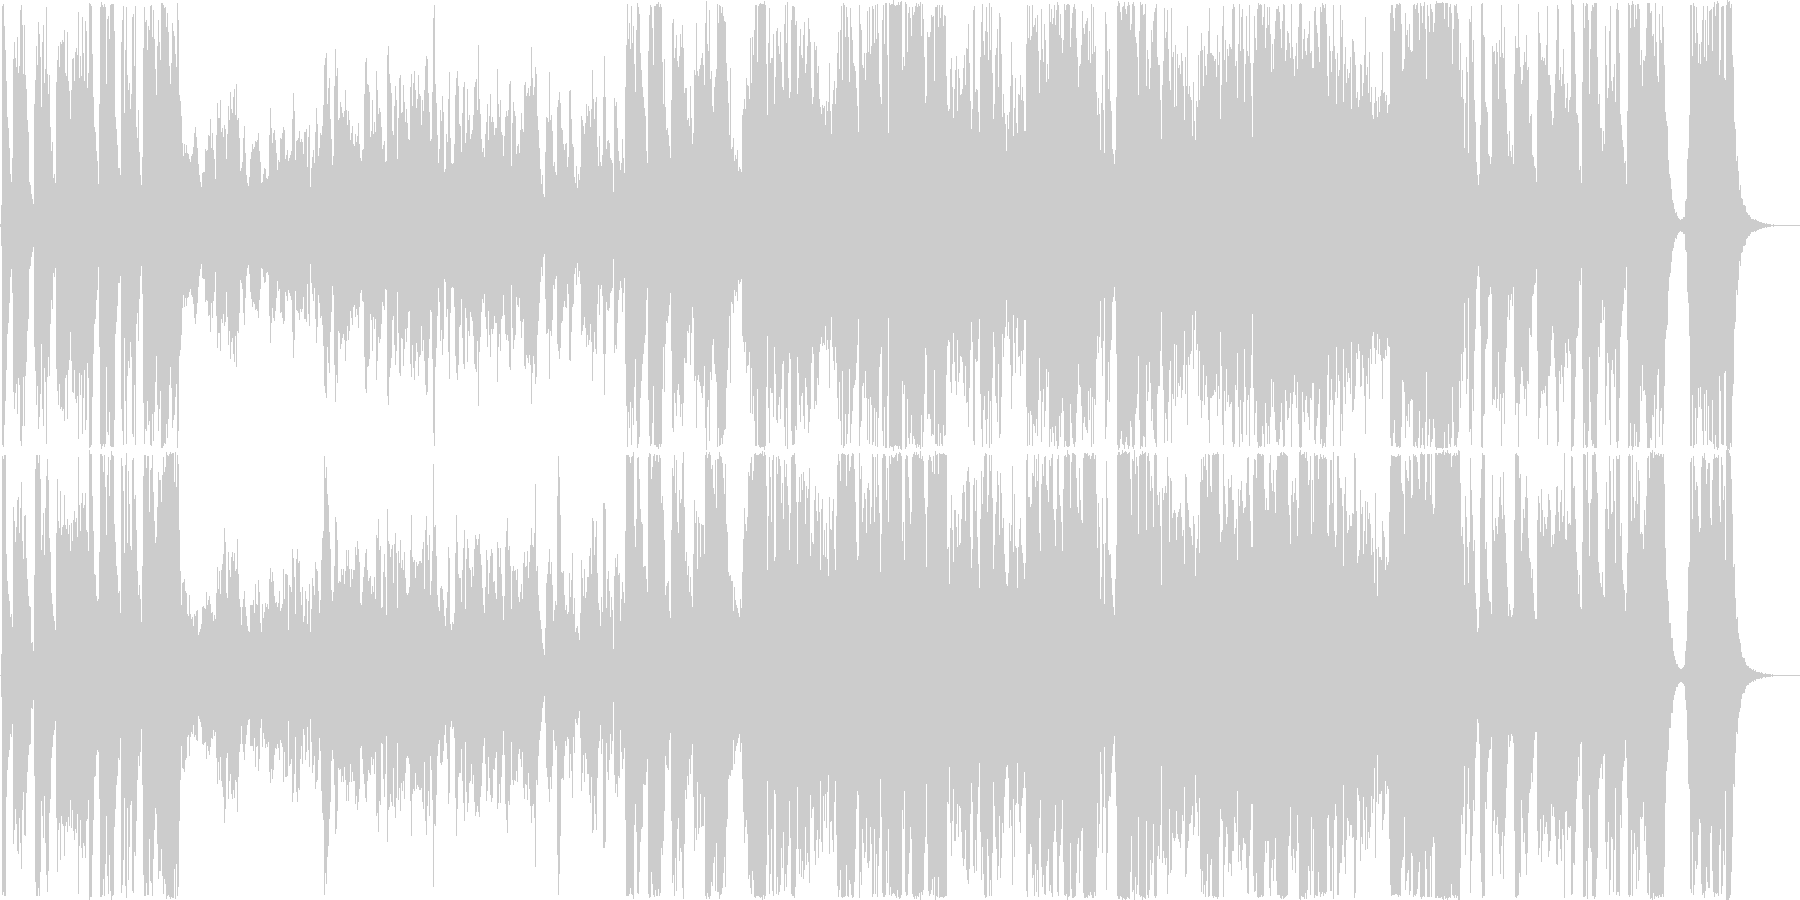 ダークファンタジー&造語多重コーラス系の未再生の波形